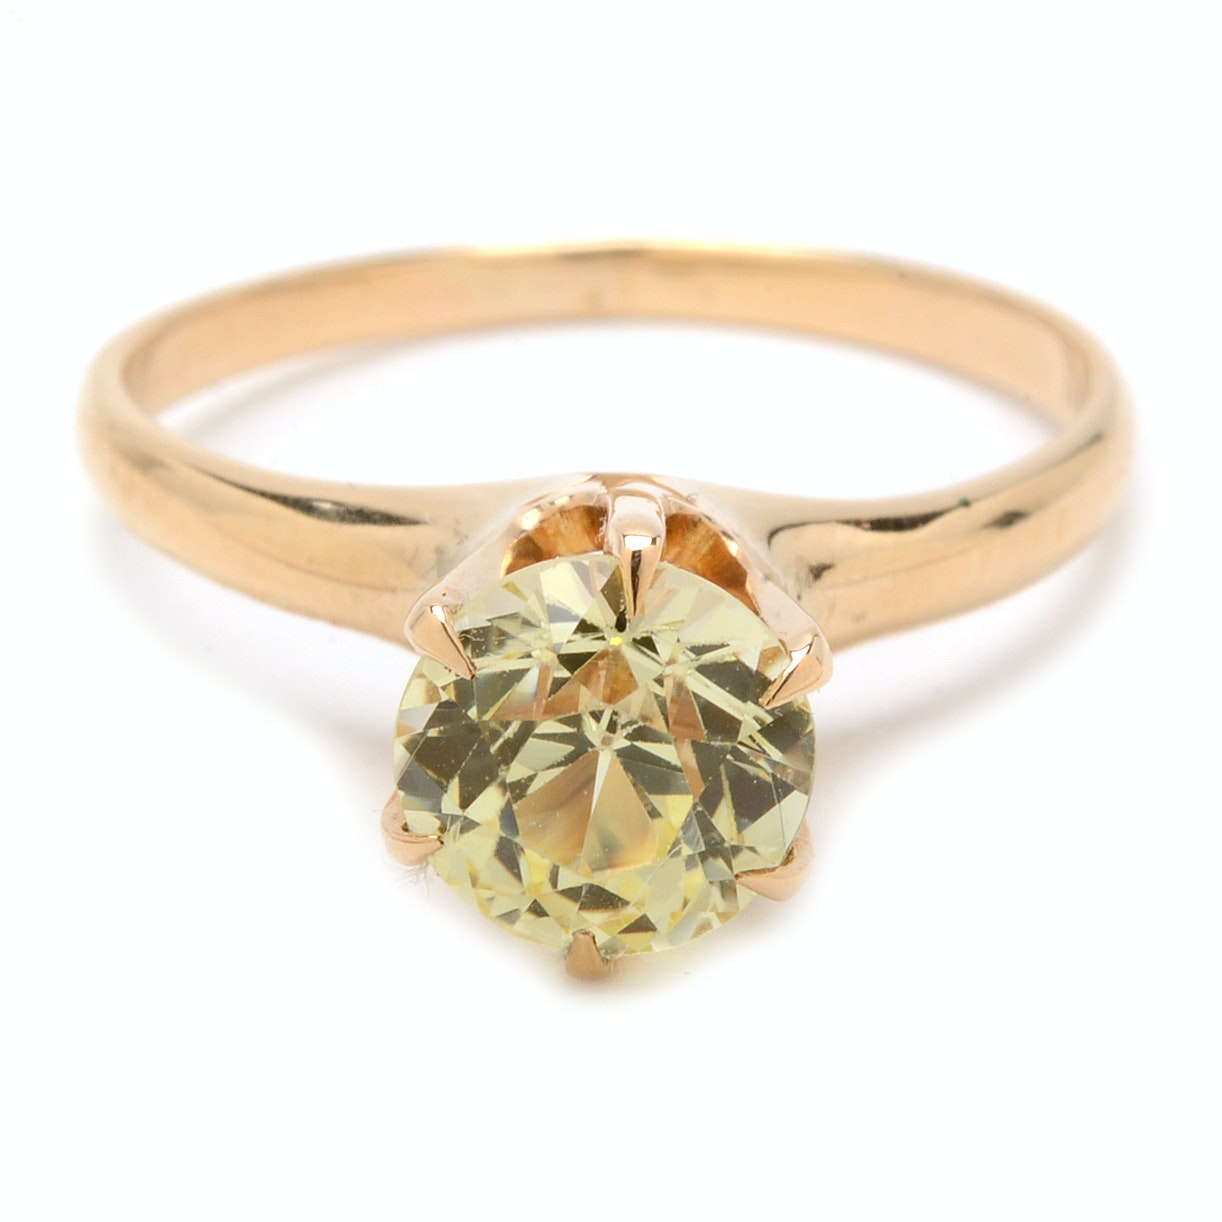 10K Yellow Gold Yellow Sapphire Ring